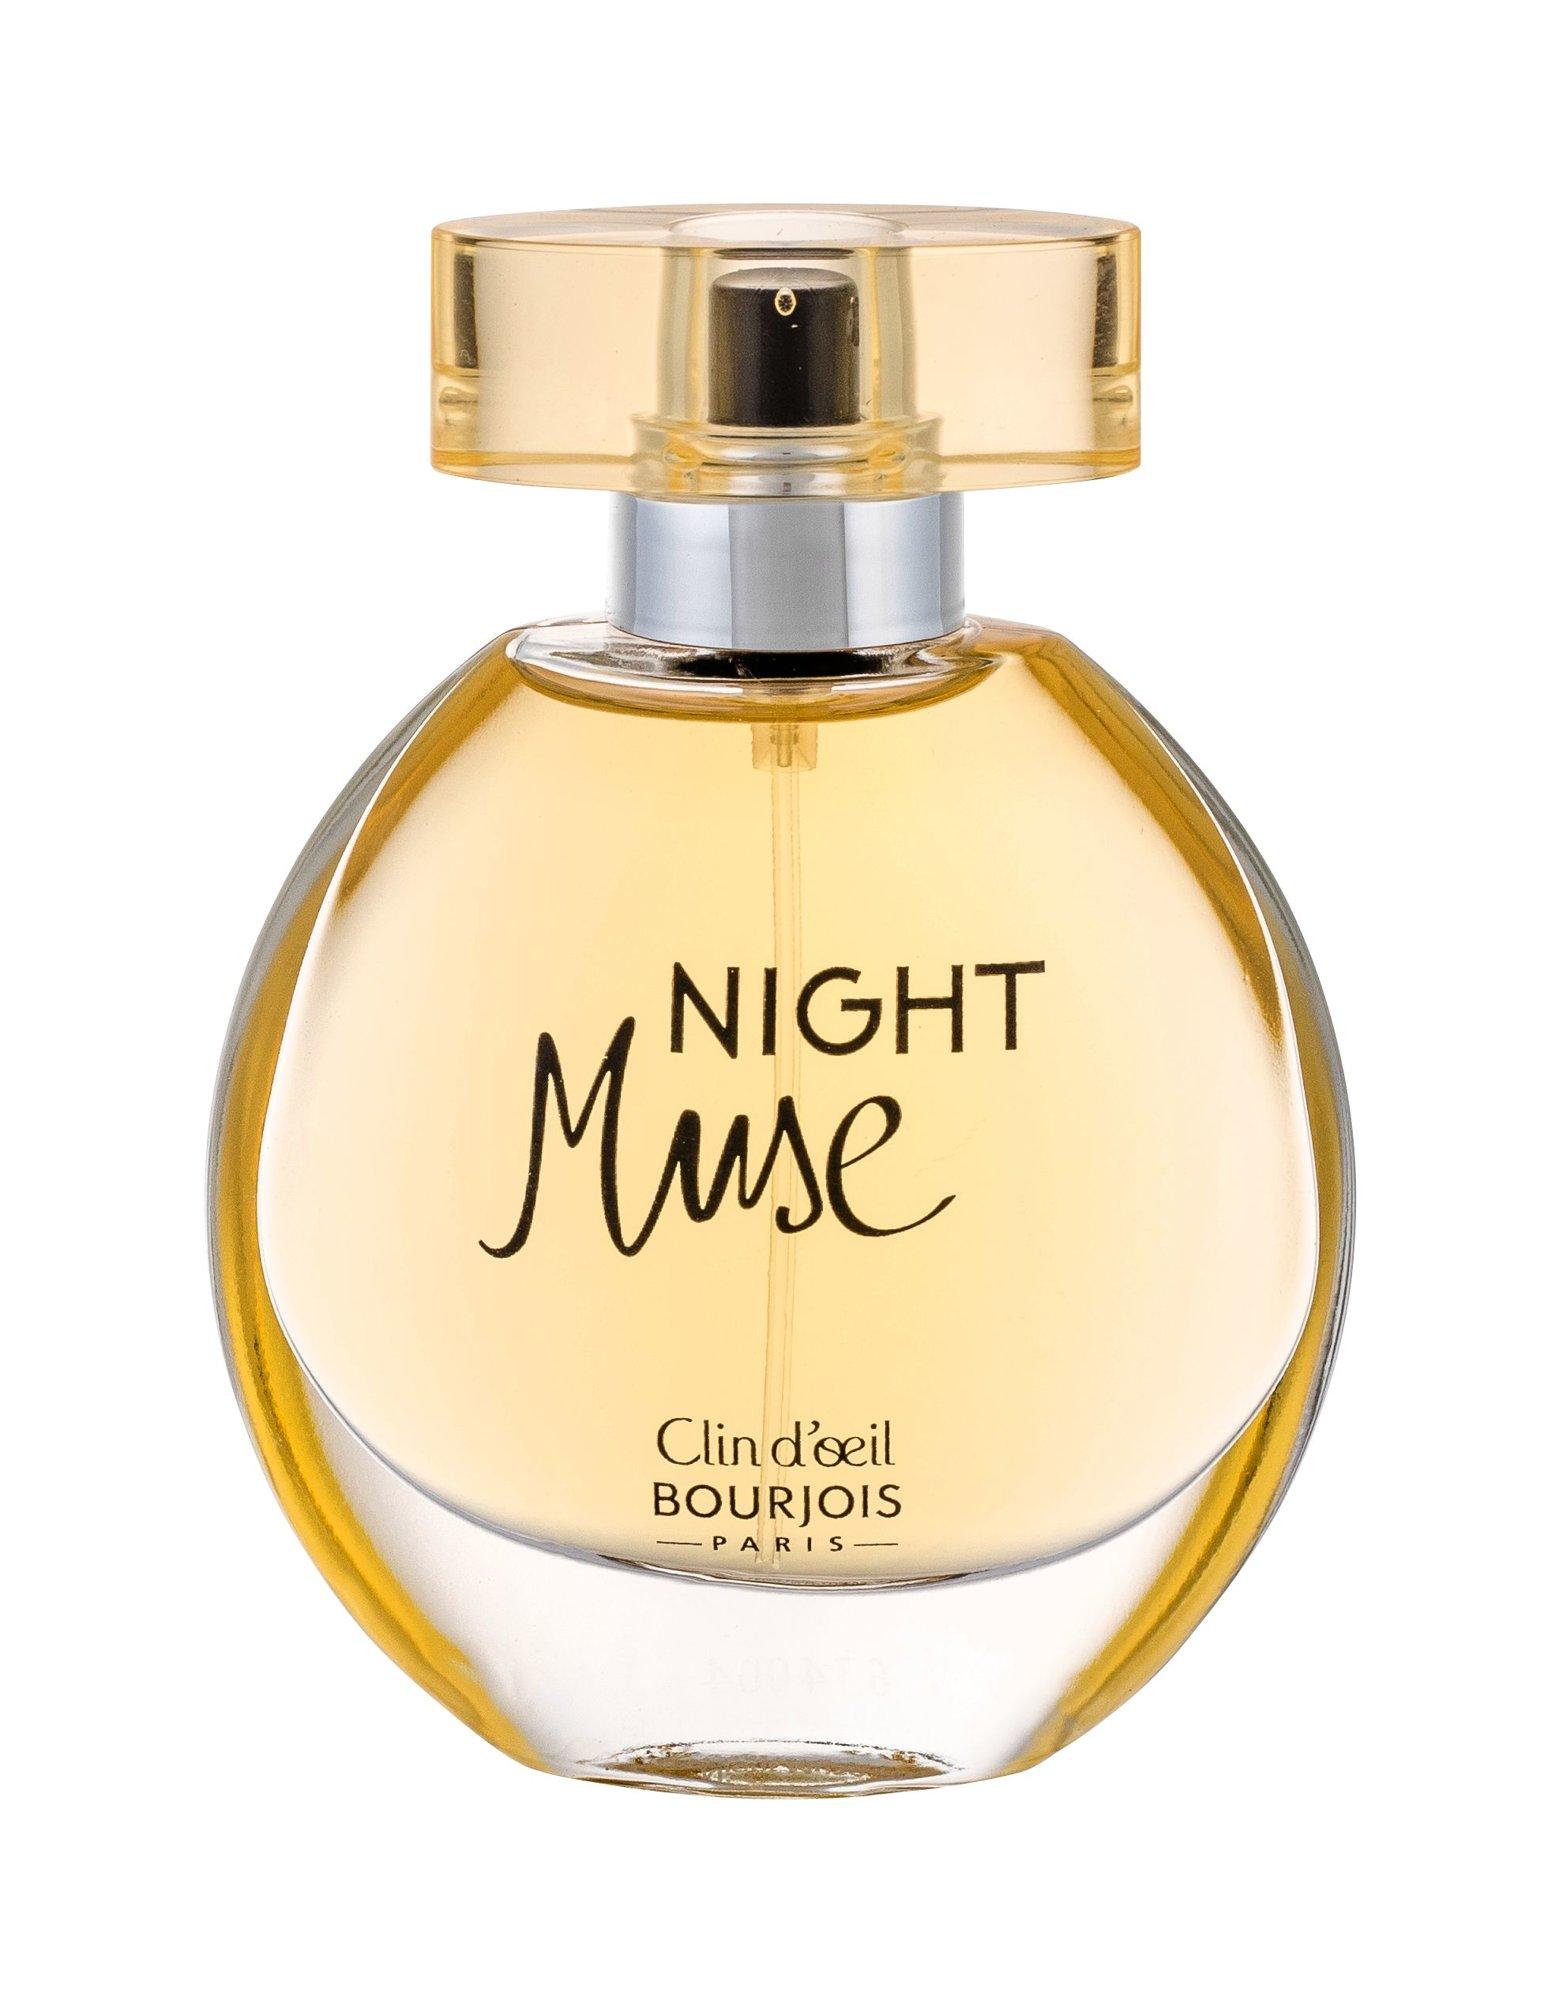 BOURJOIS Paris Clin d´oeil Night Muse Eau de Parfum 50ml